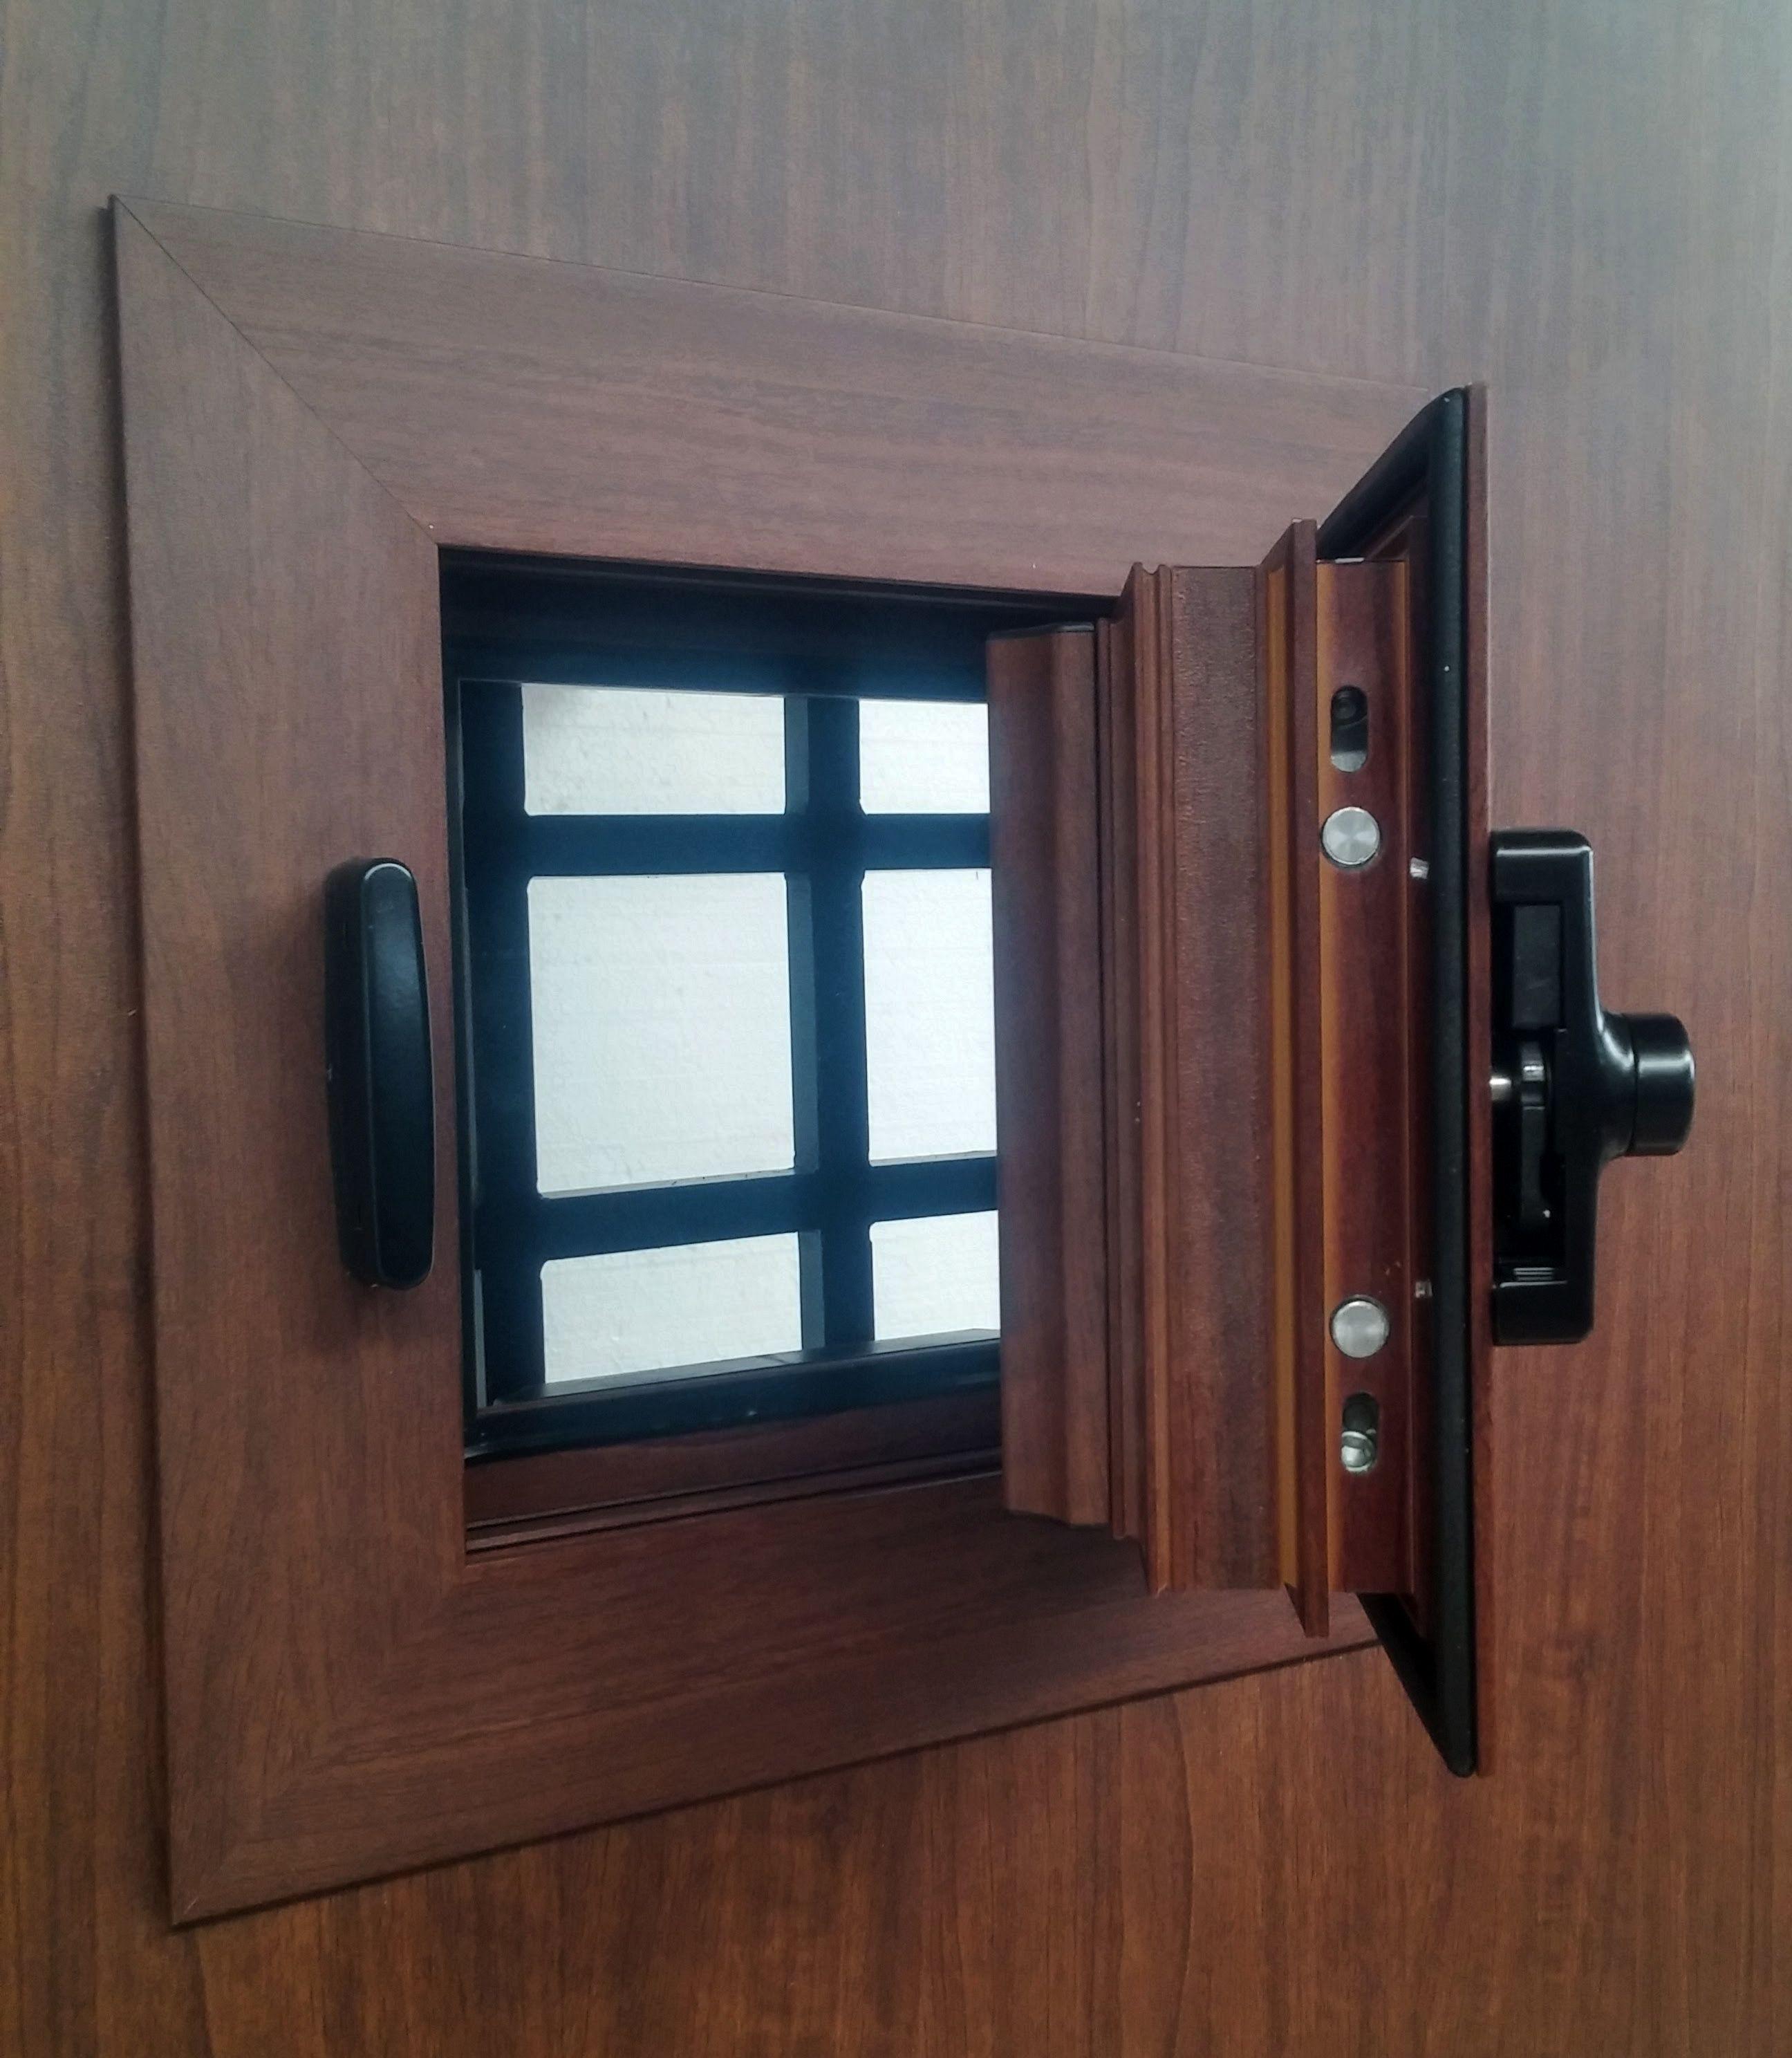 Pin De Ventanas Ancar Caraldiaz En Puertas Rusticas En Aluminio  ~ Puertas De Entrada De Aluminio Rusticas